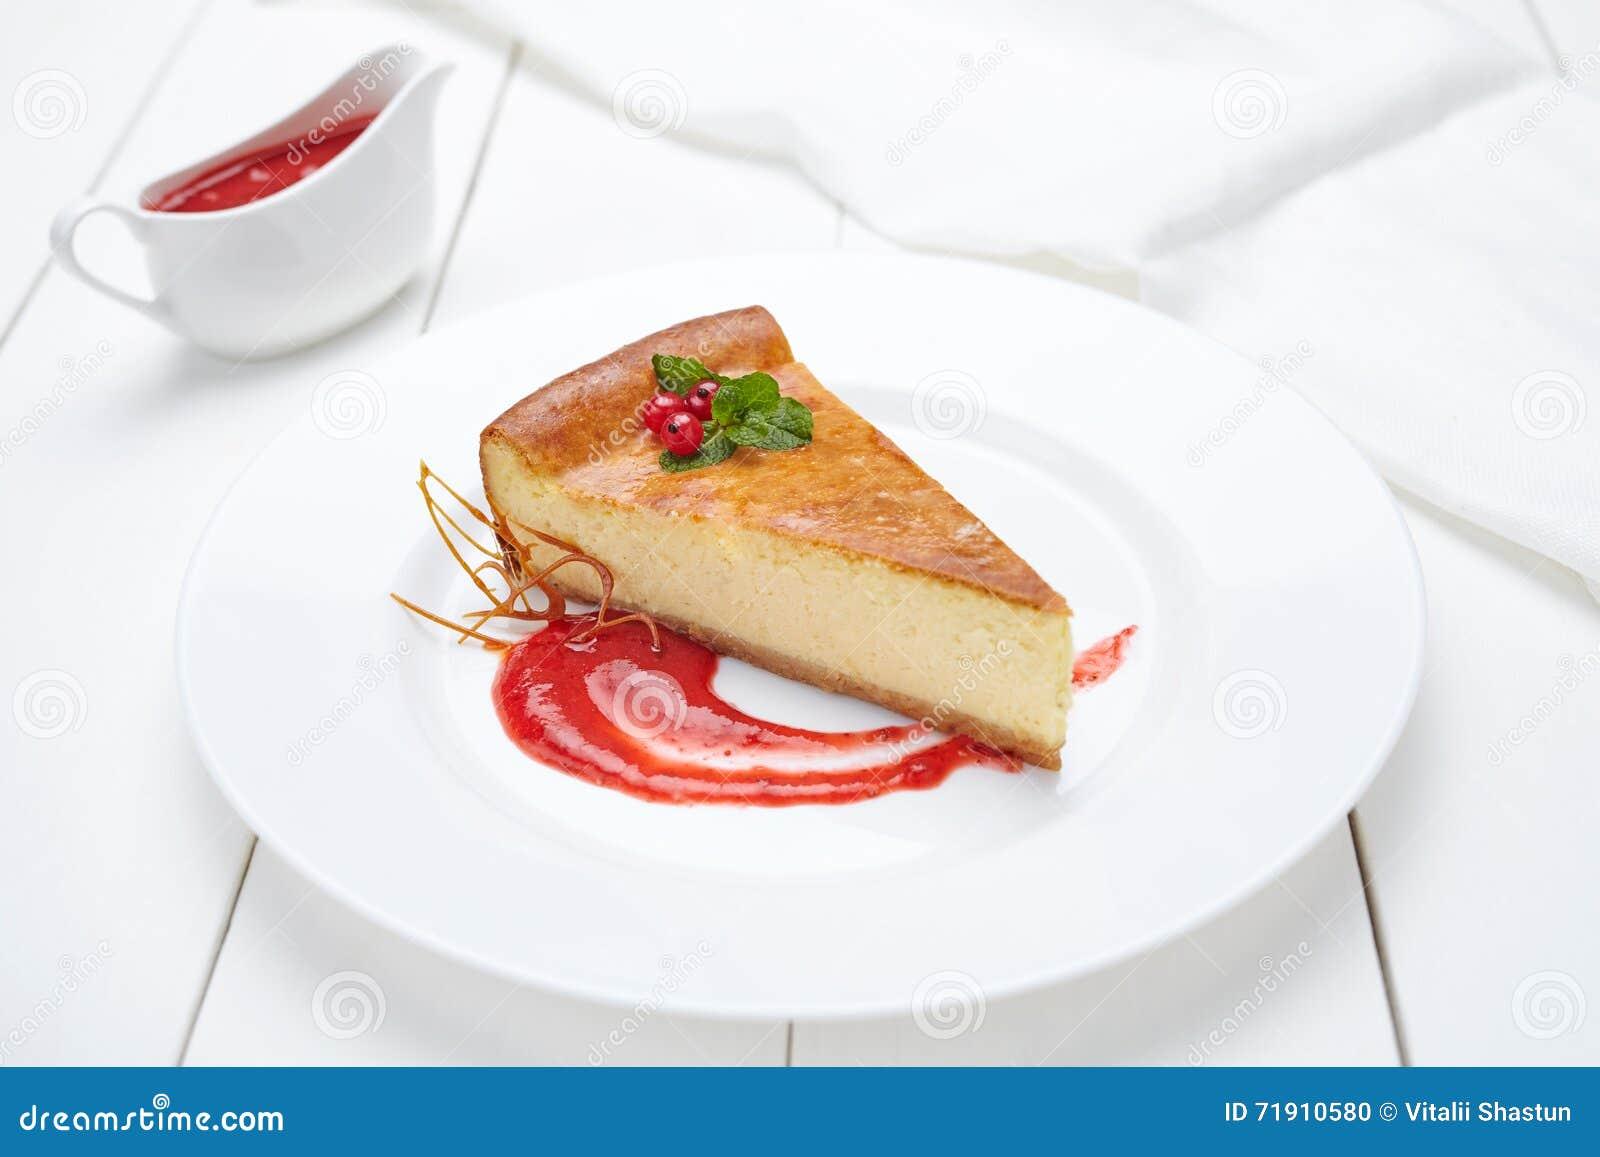 乳酪蛋糕传统乳酪蛋糕甜酥皮点心点心